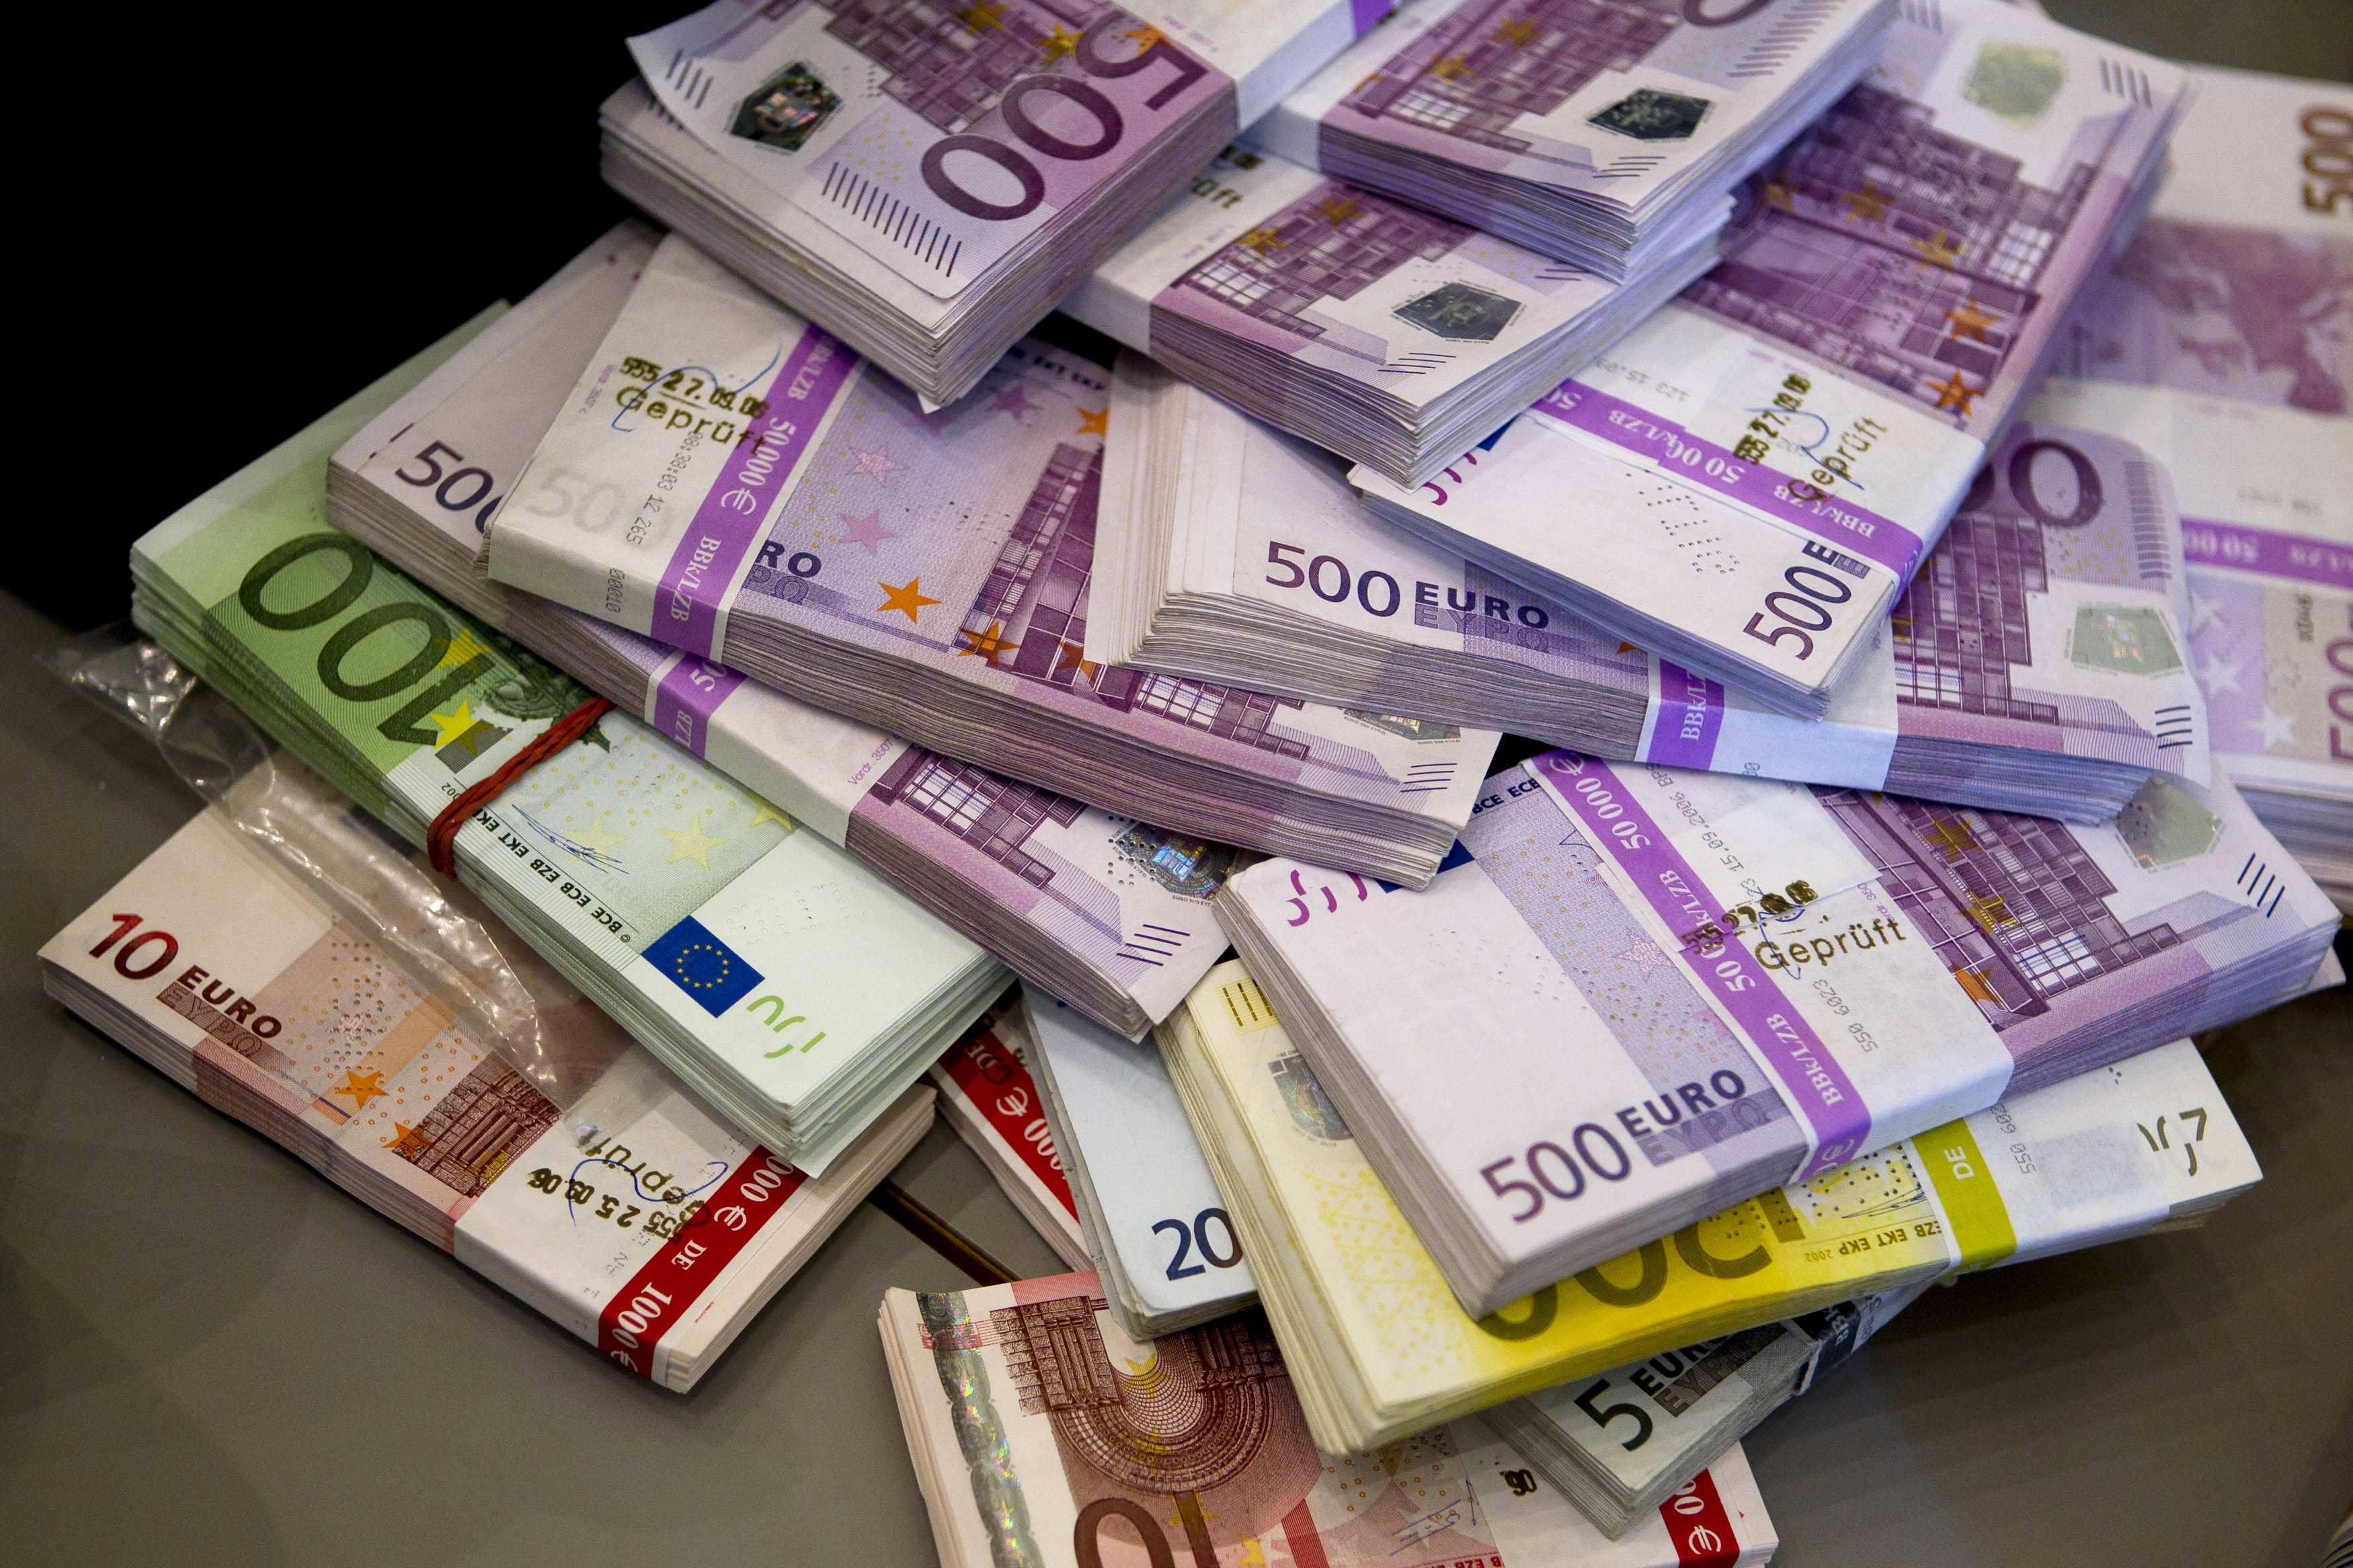 vienkārši naudas nopelnīšanas veidi)